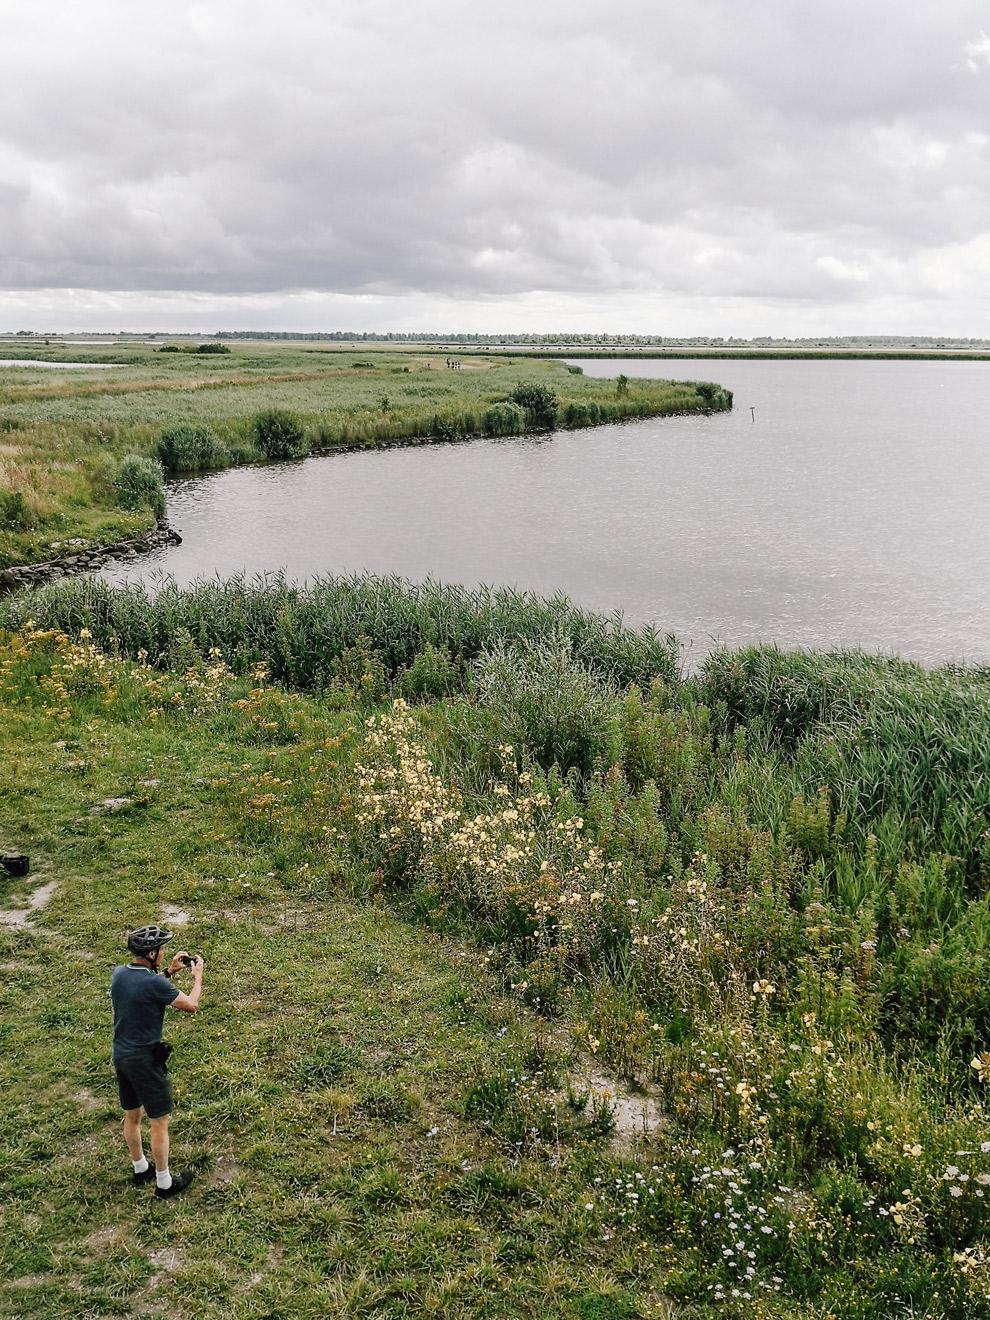 Foto maken van het natuurschoon in het Lauwersmeergebied